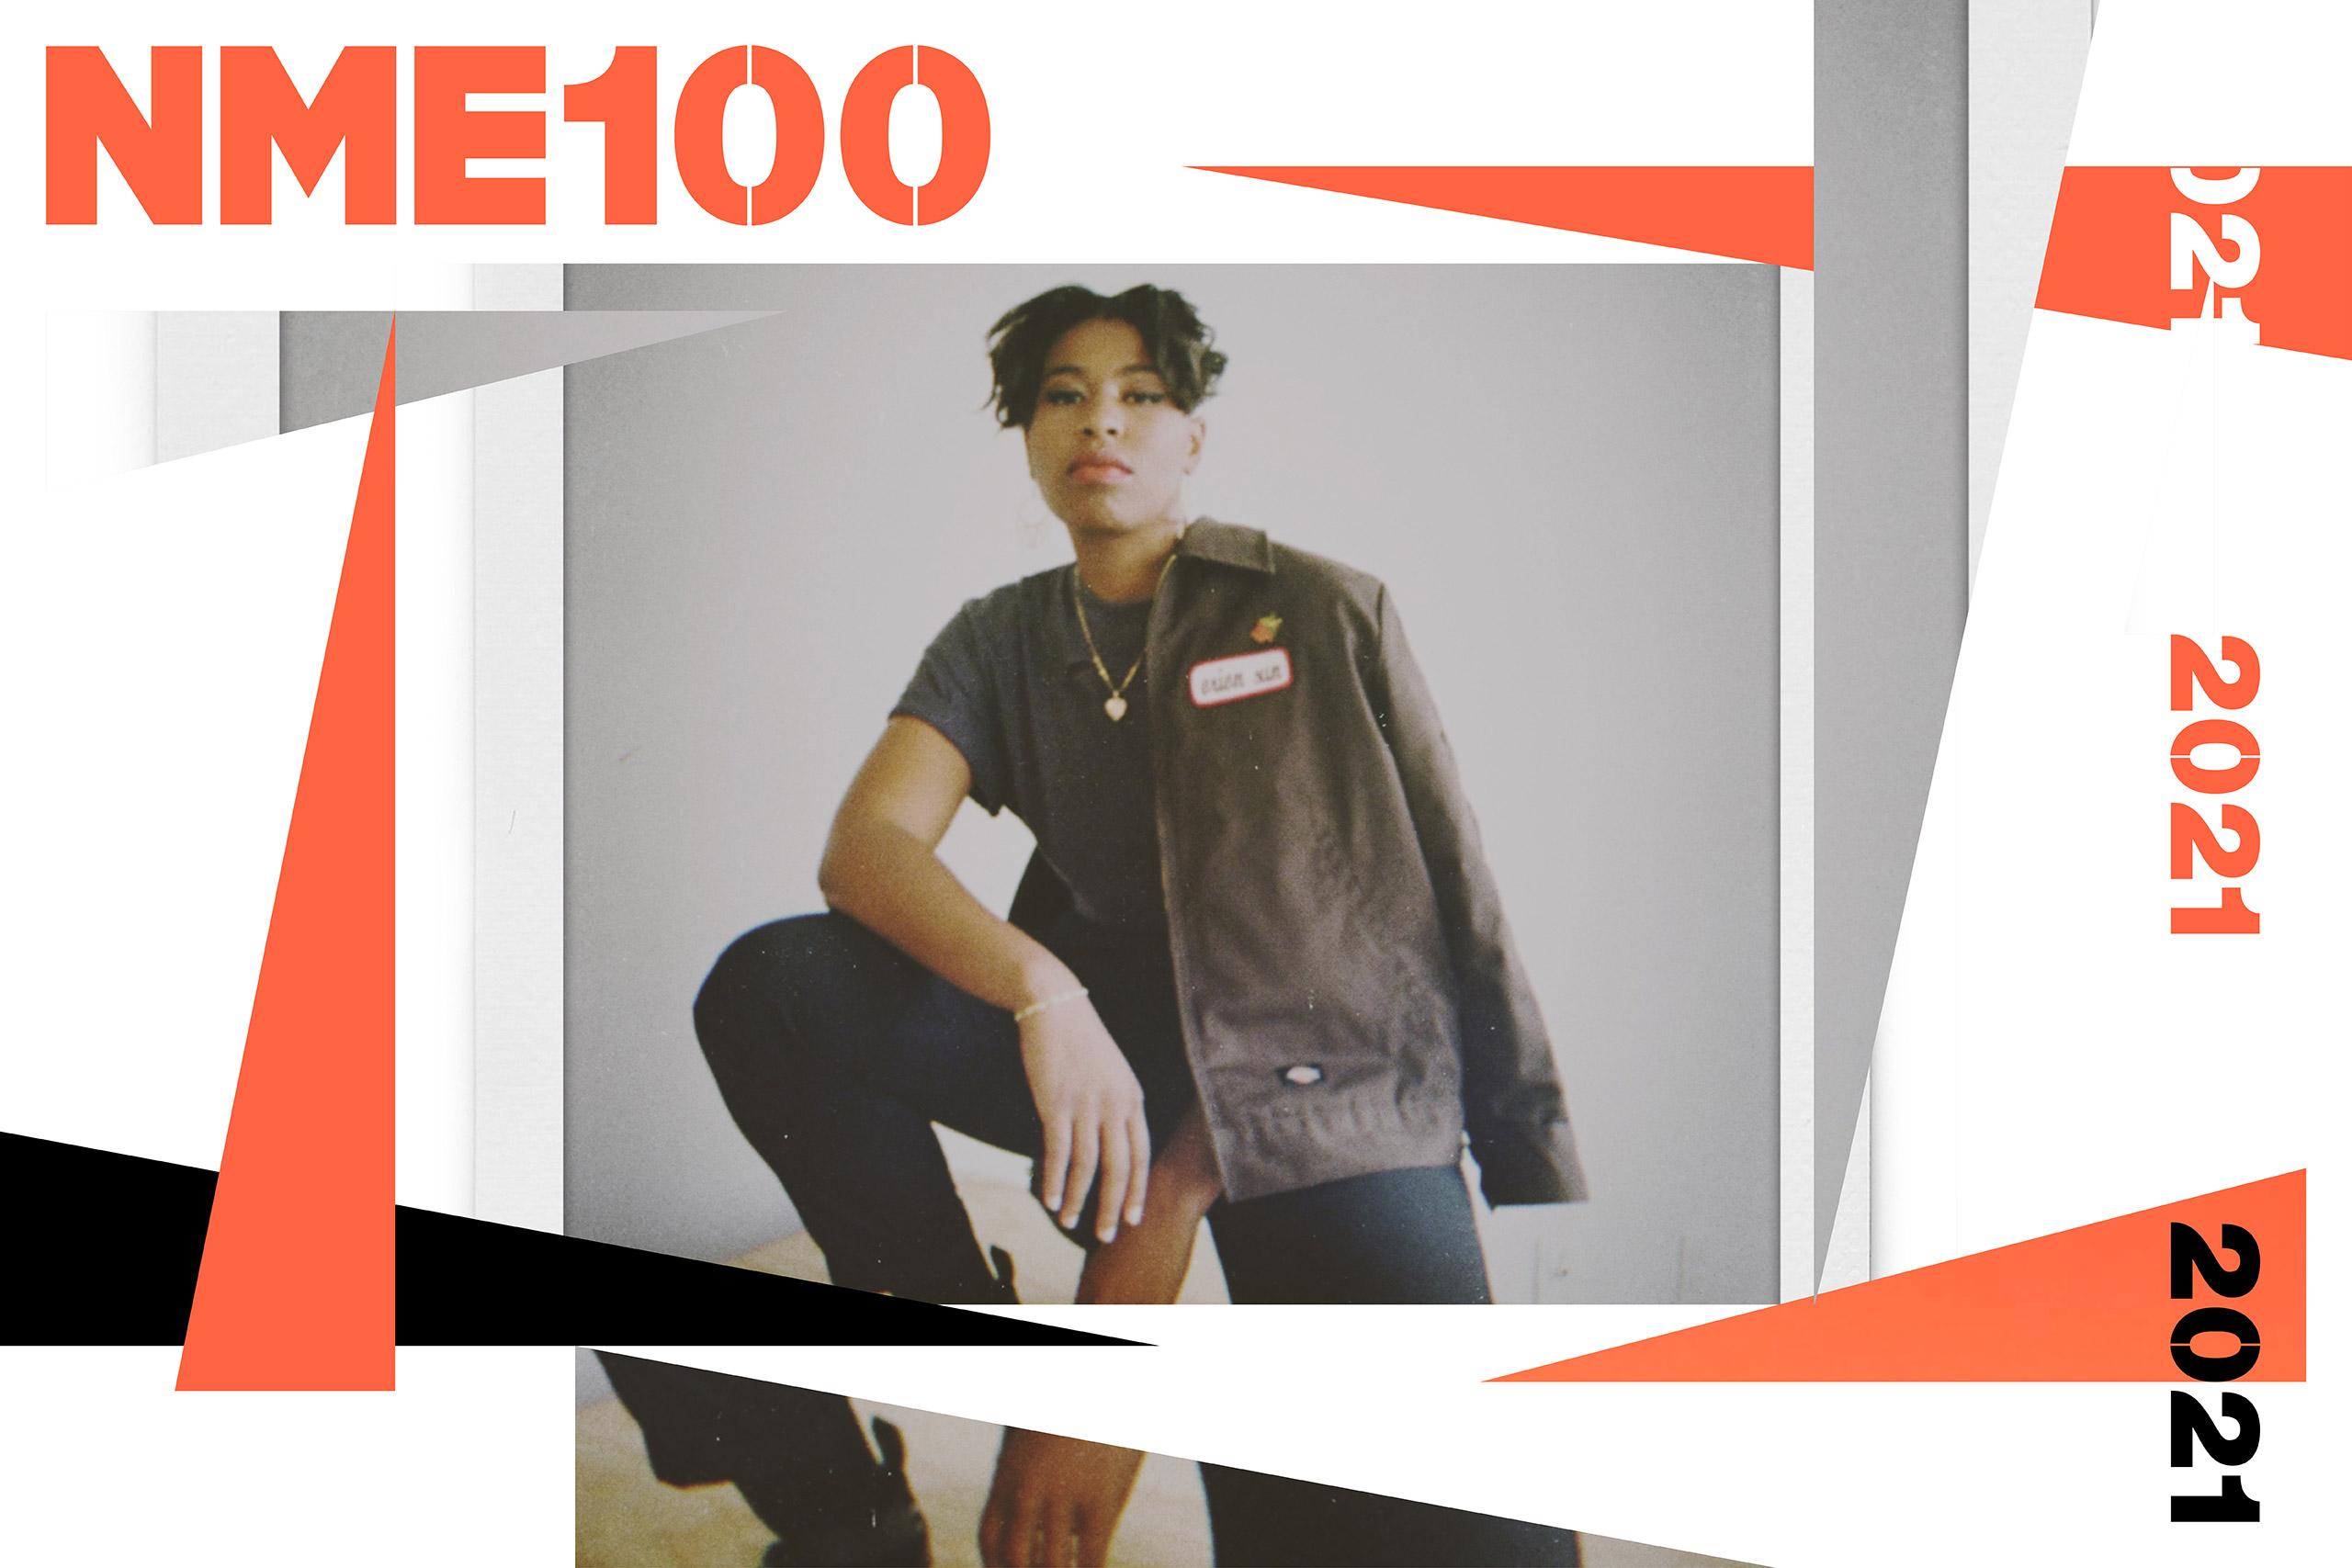 NME 100 orion sun